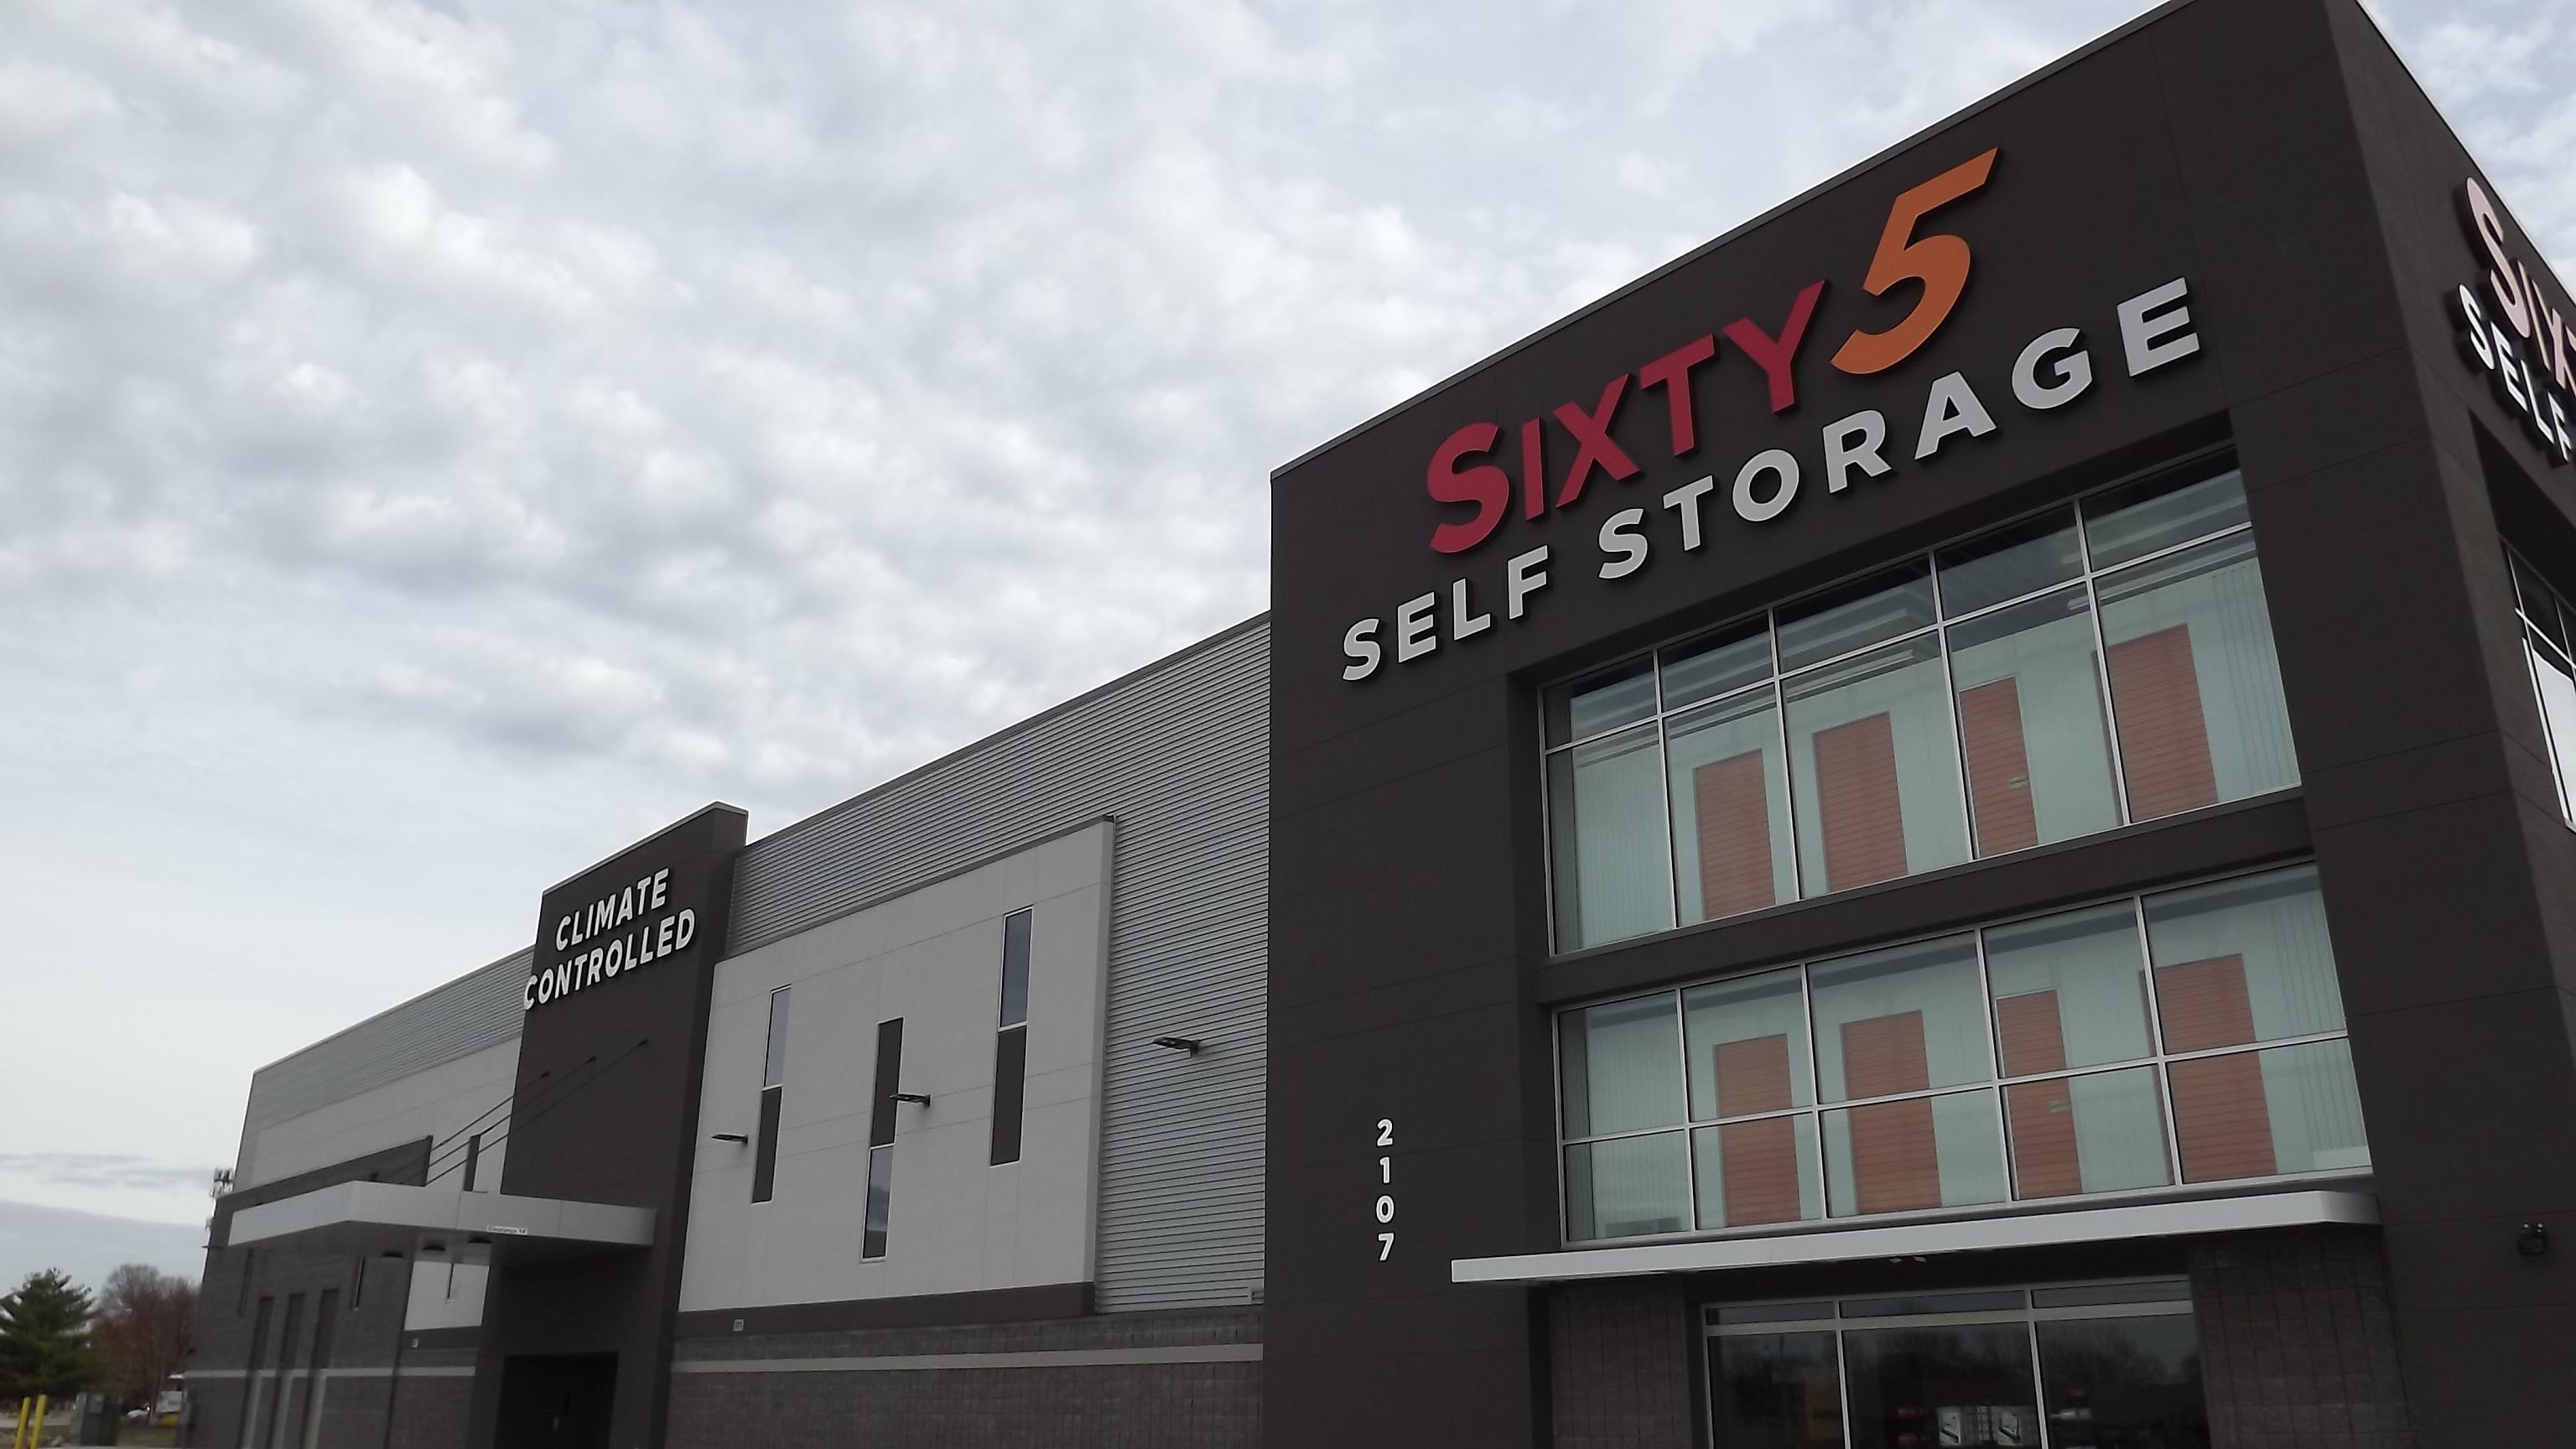 Sixty5 Self Storage